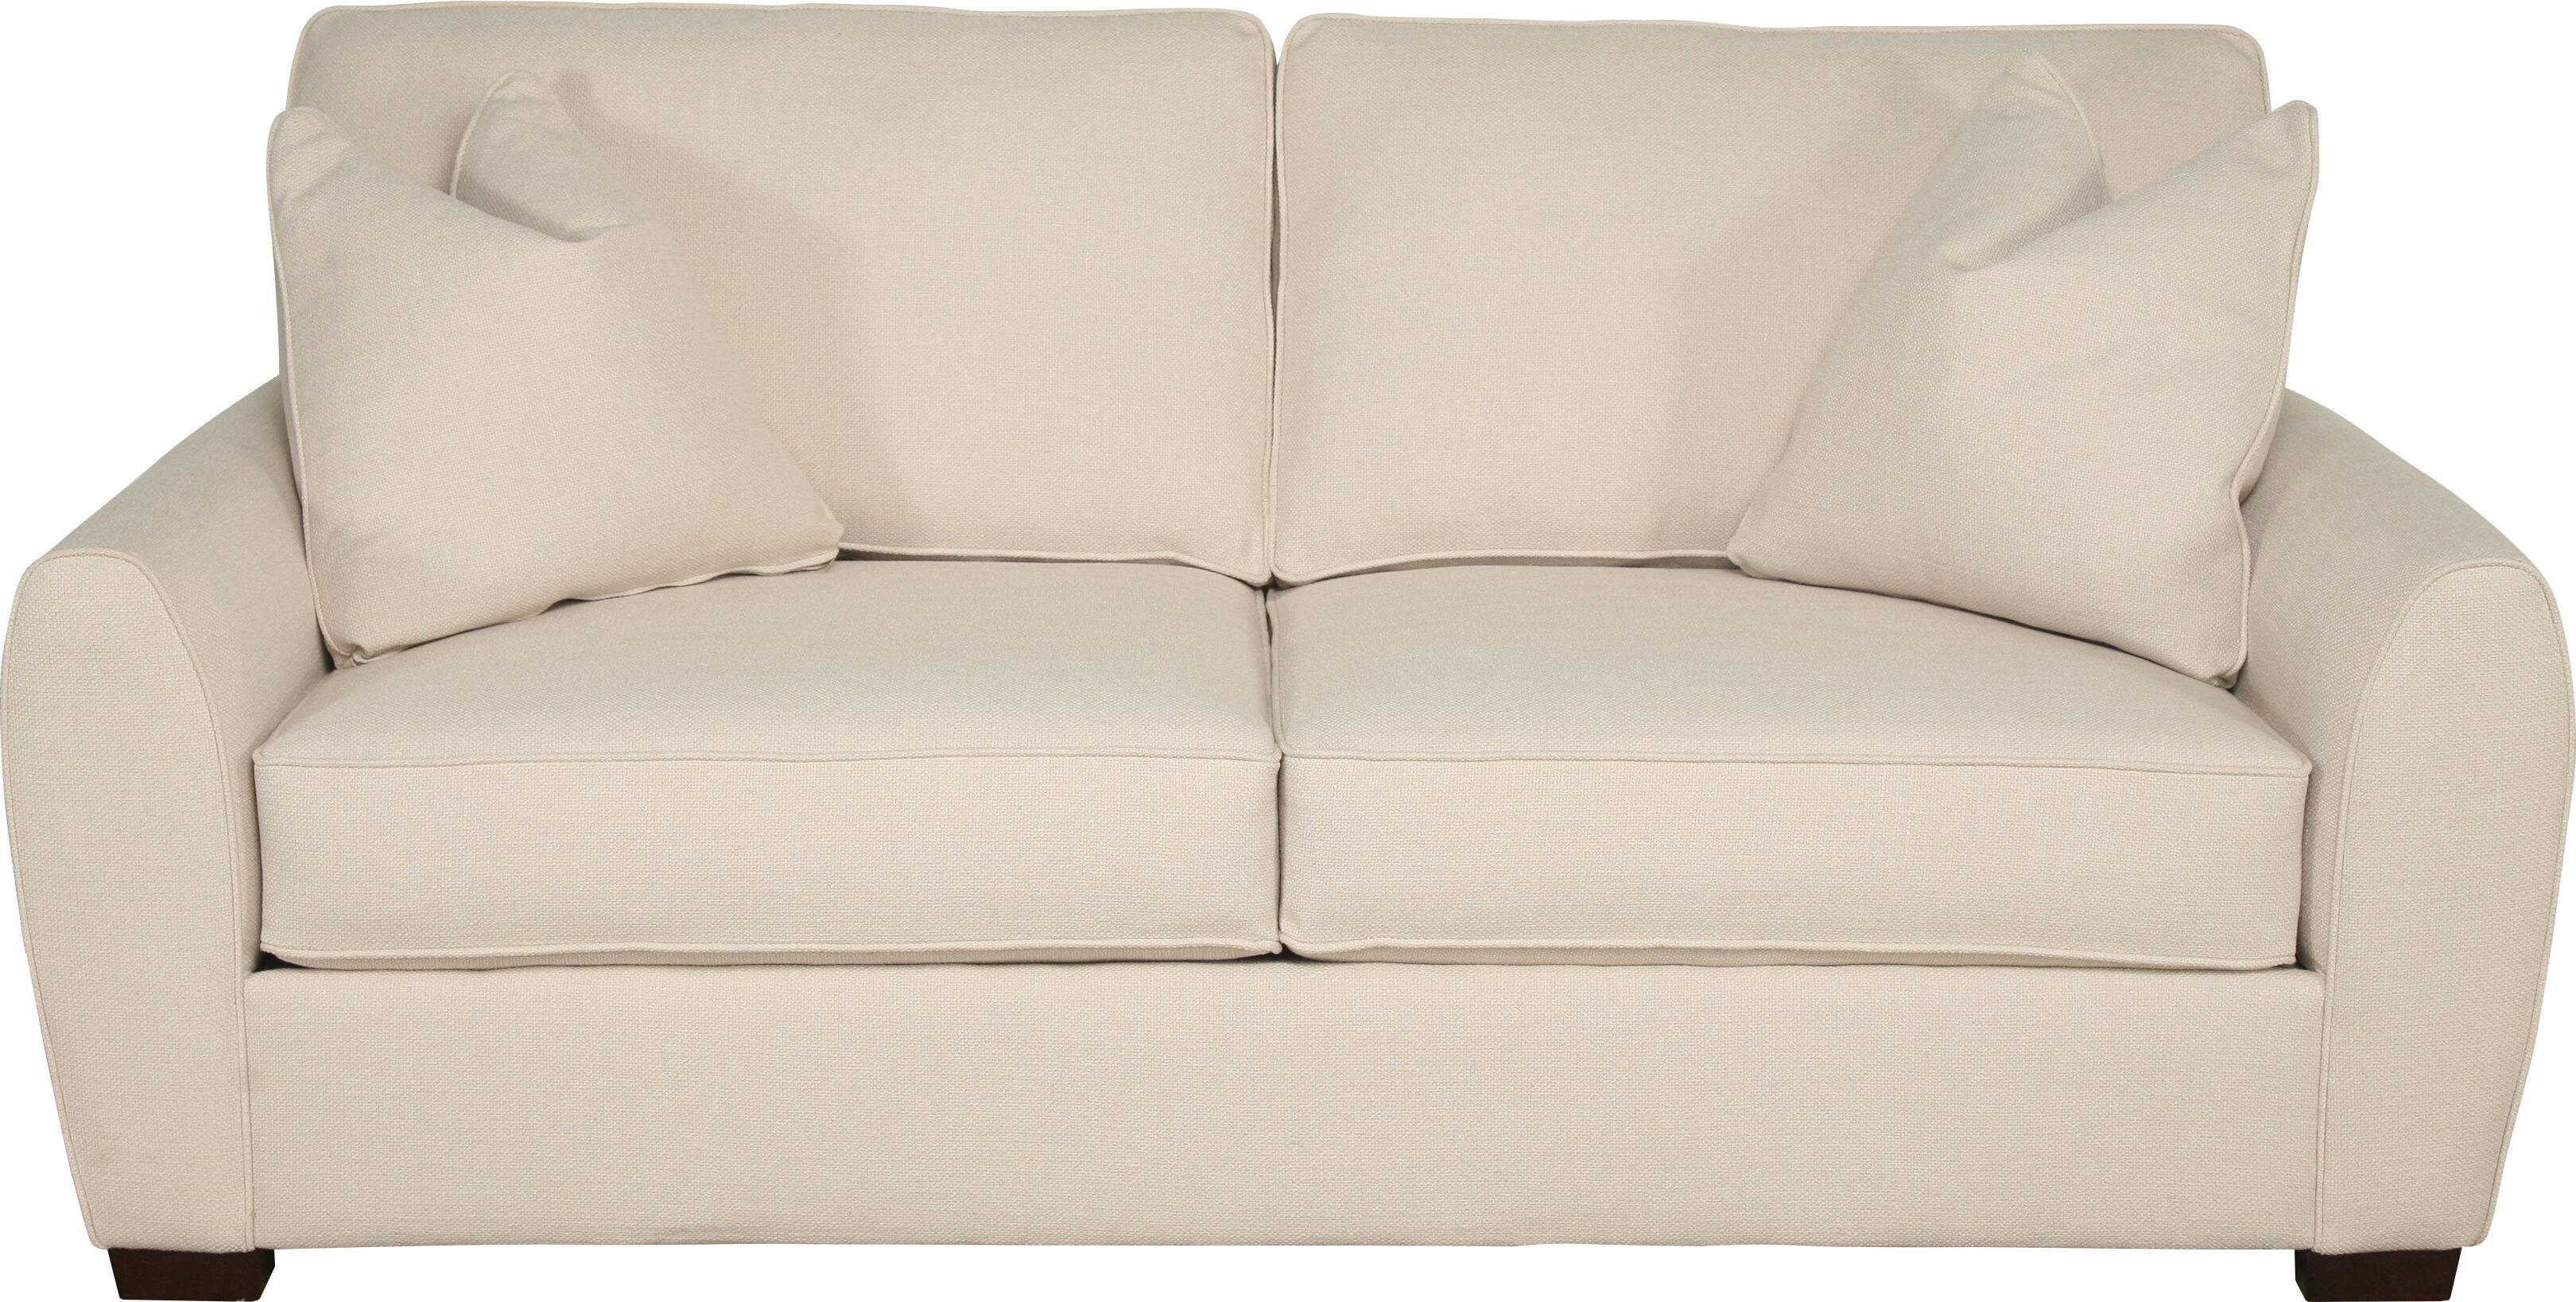 Bauhaus Apartment 75 Round Arm Sofa